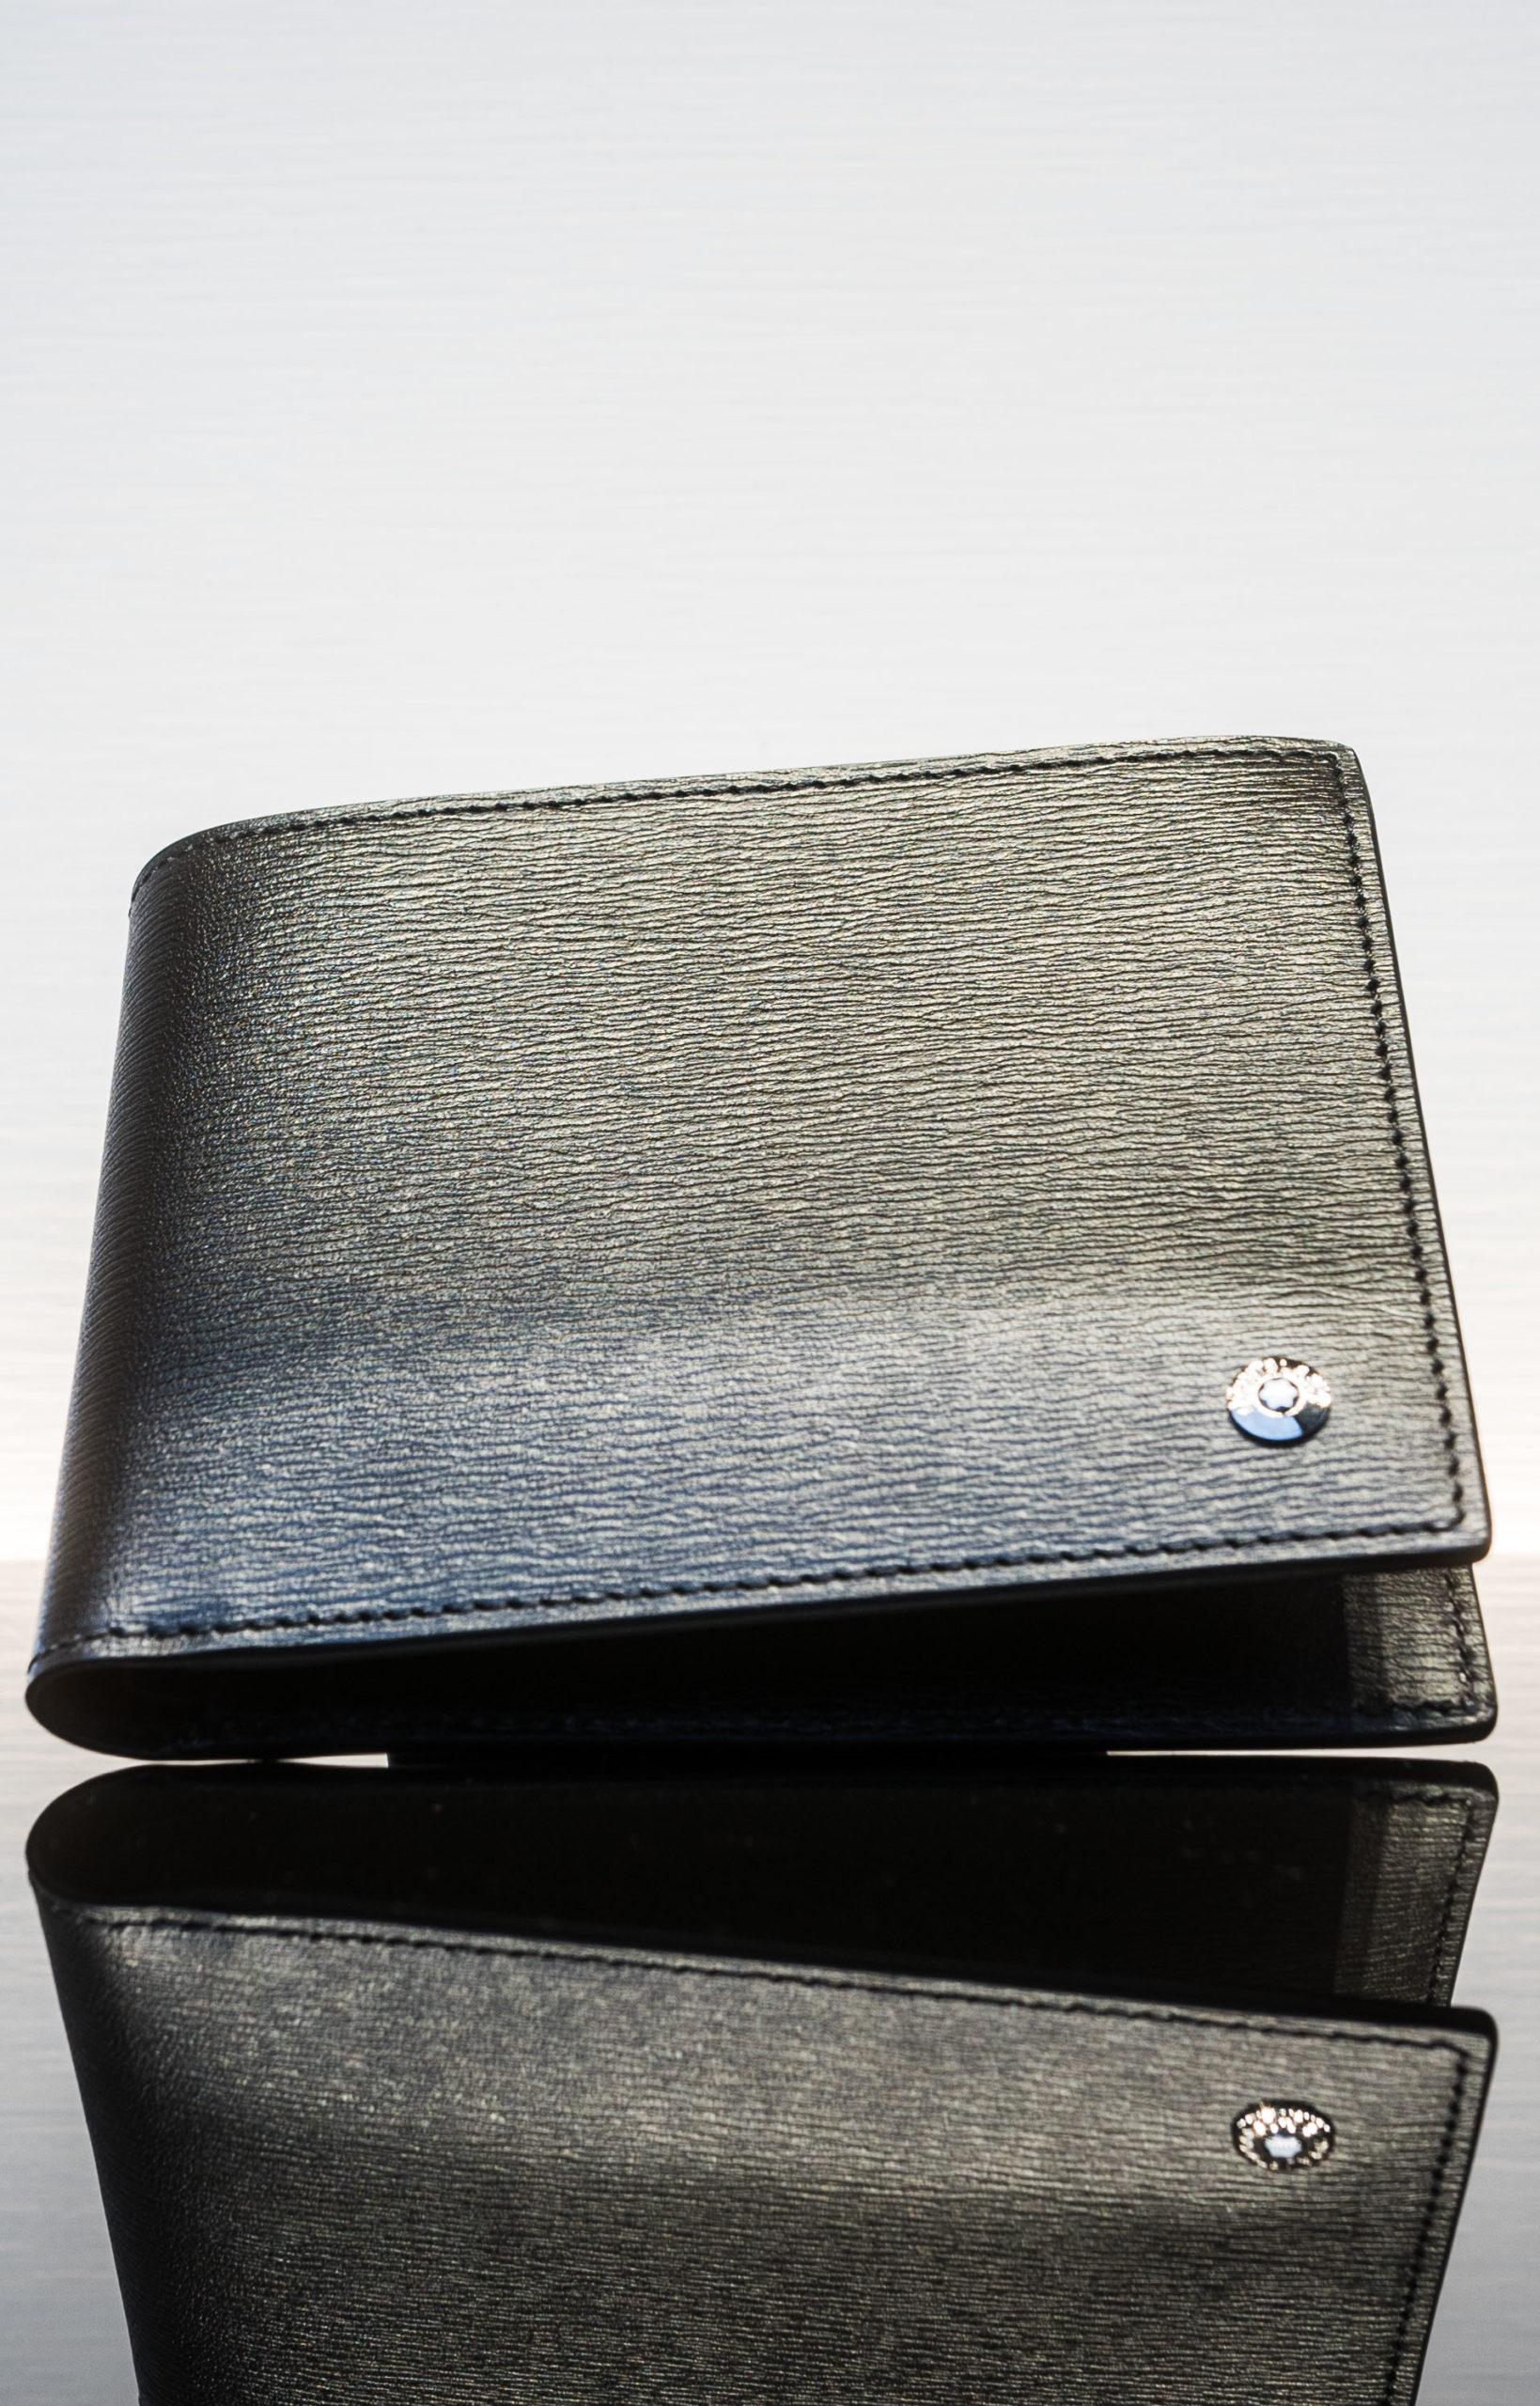 Montblanc Brieftasche 8 Cc Schwarz/grau